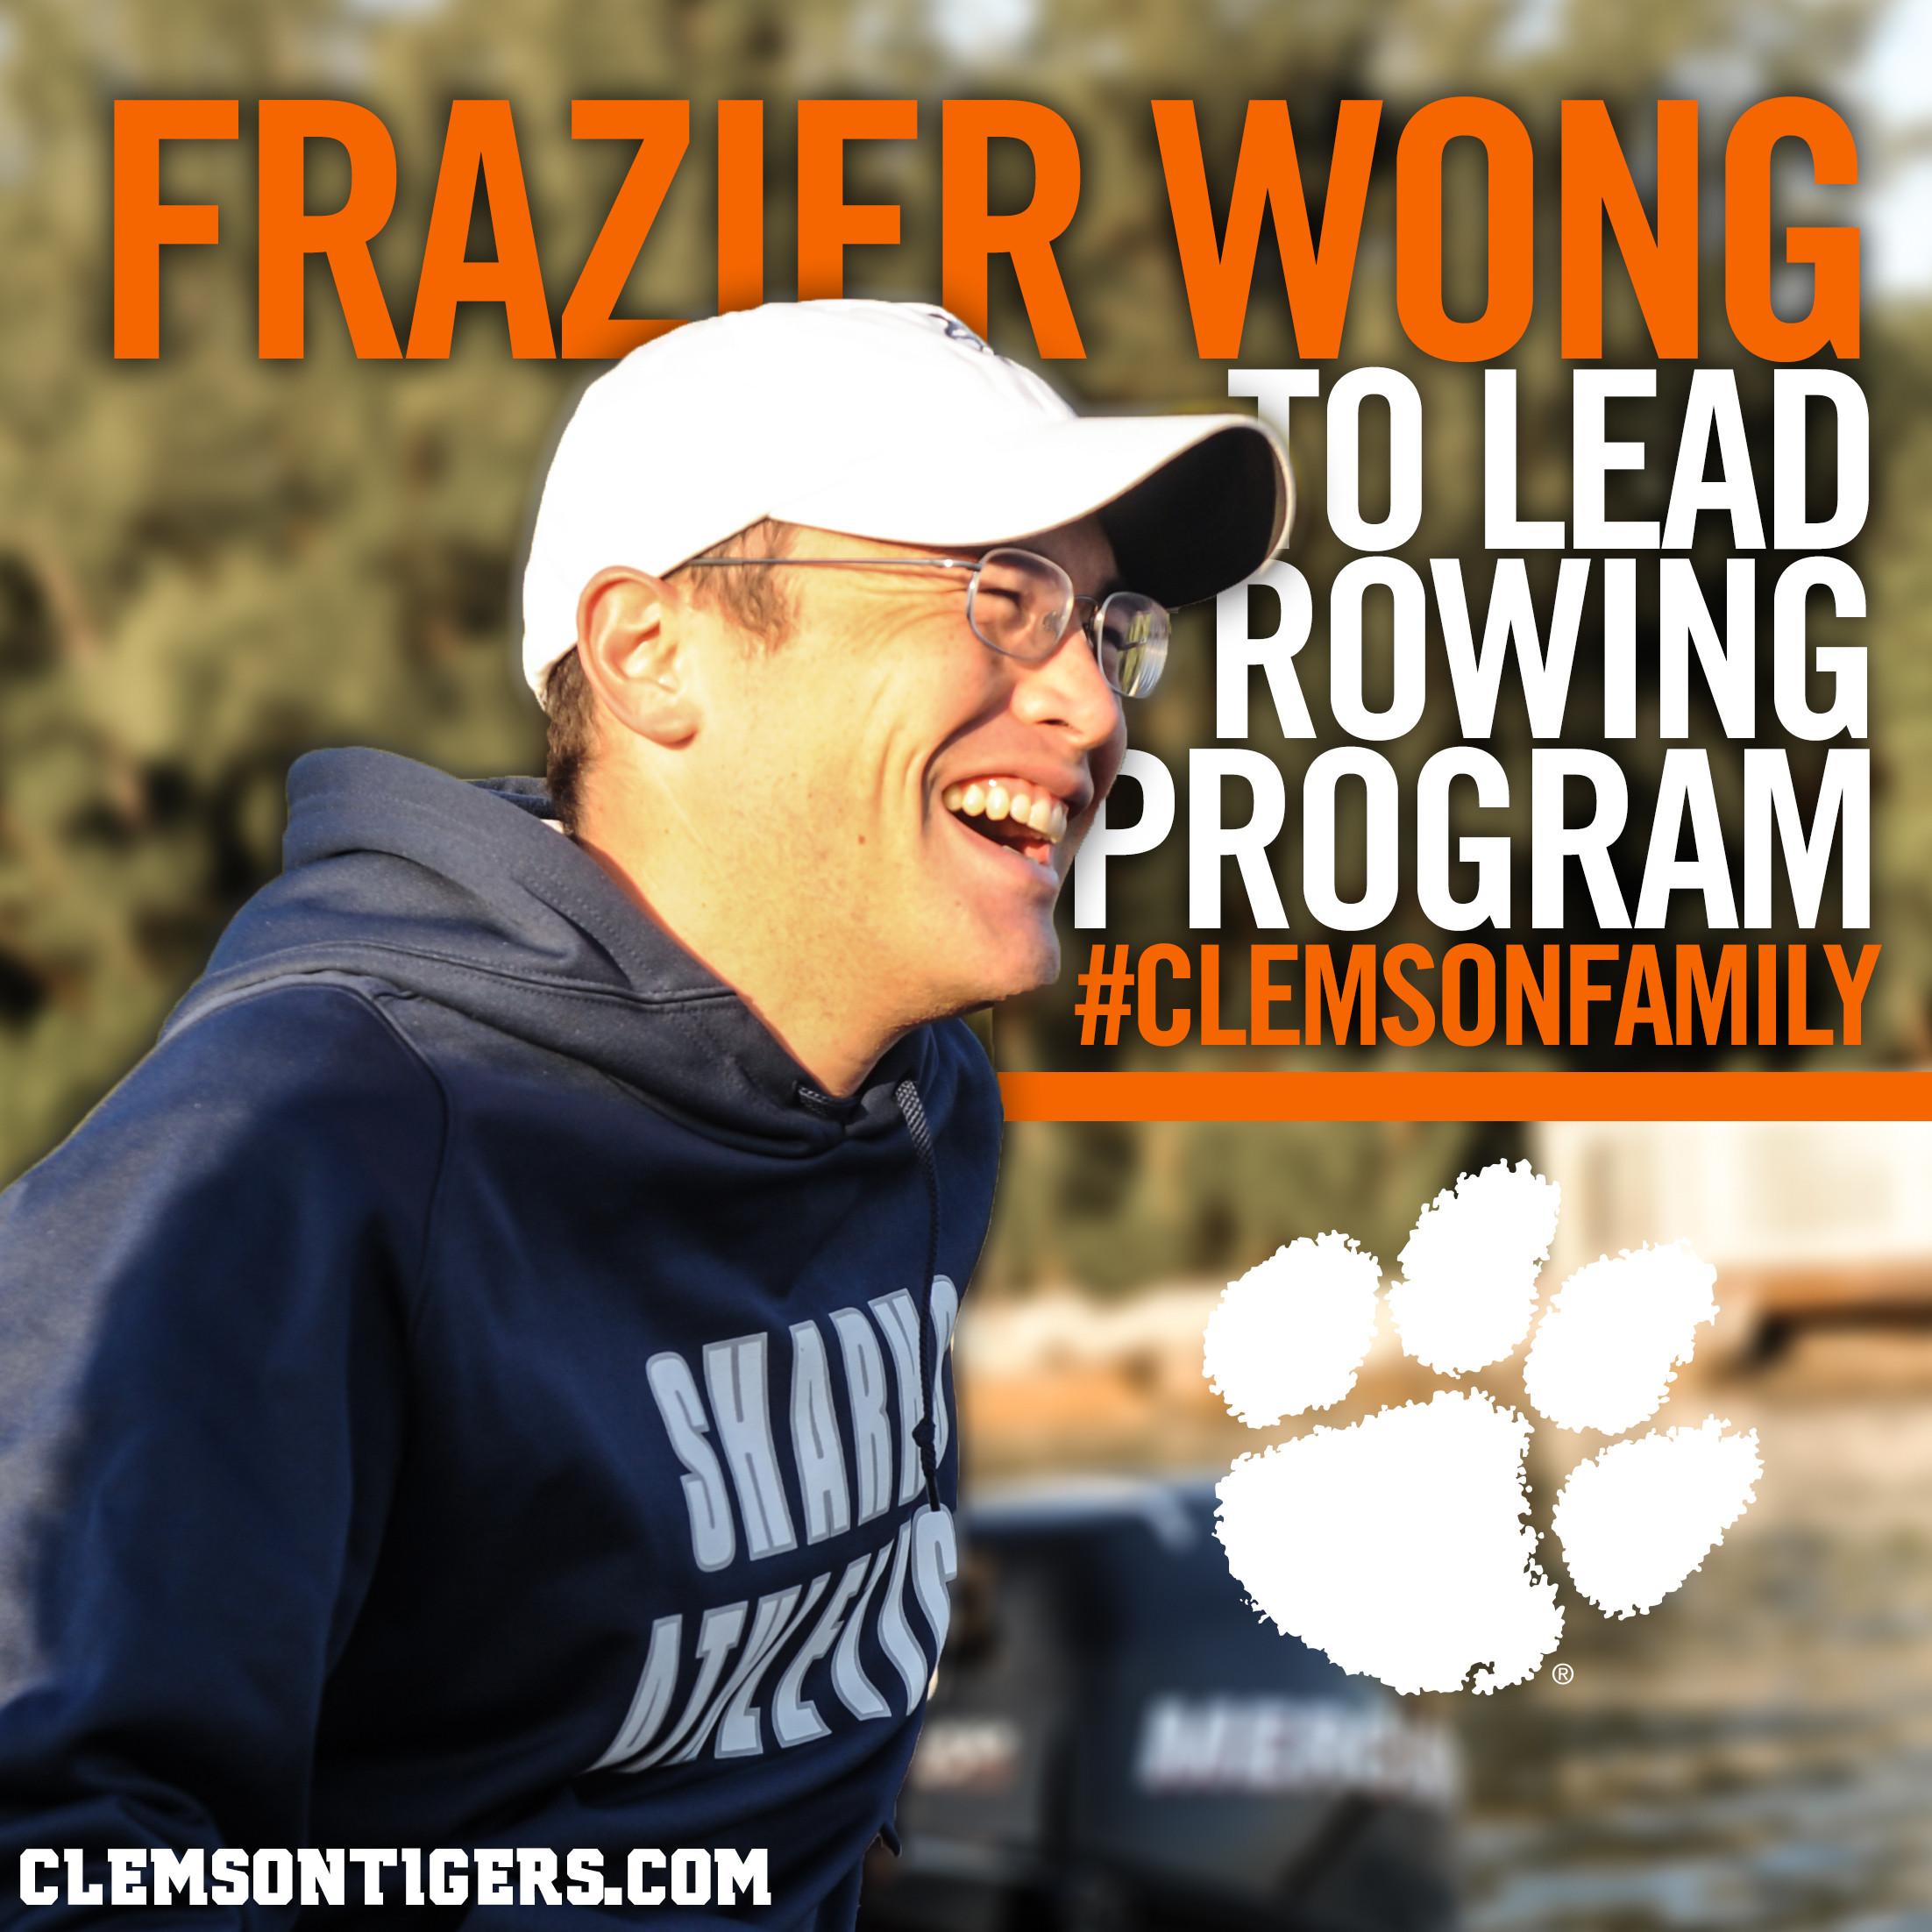 Frazier Wong Named Clemson Head Rowing Coach